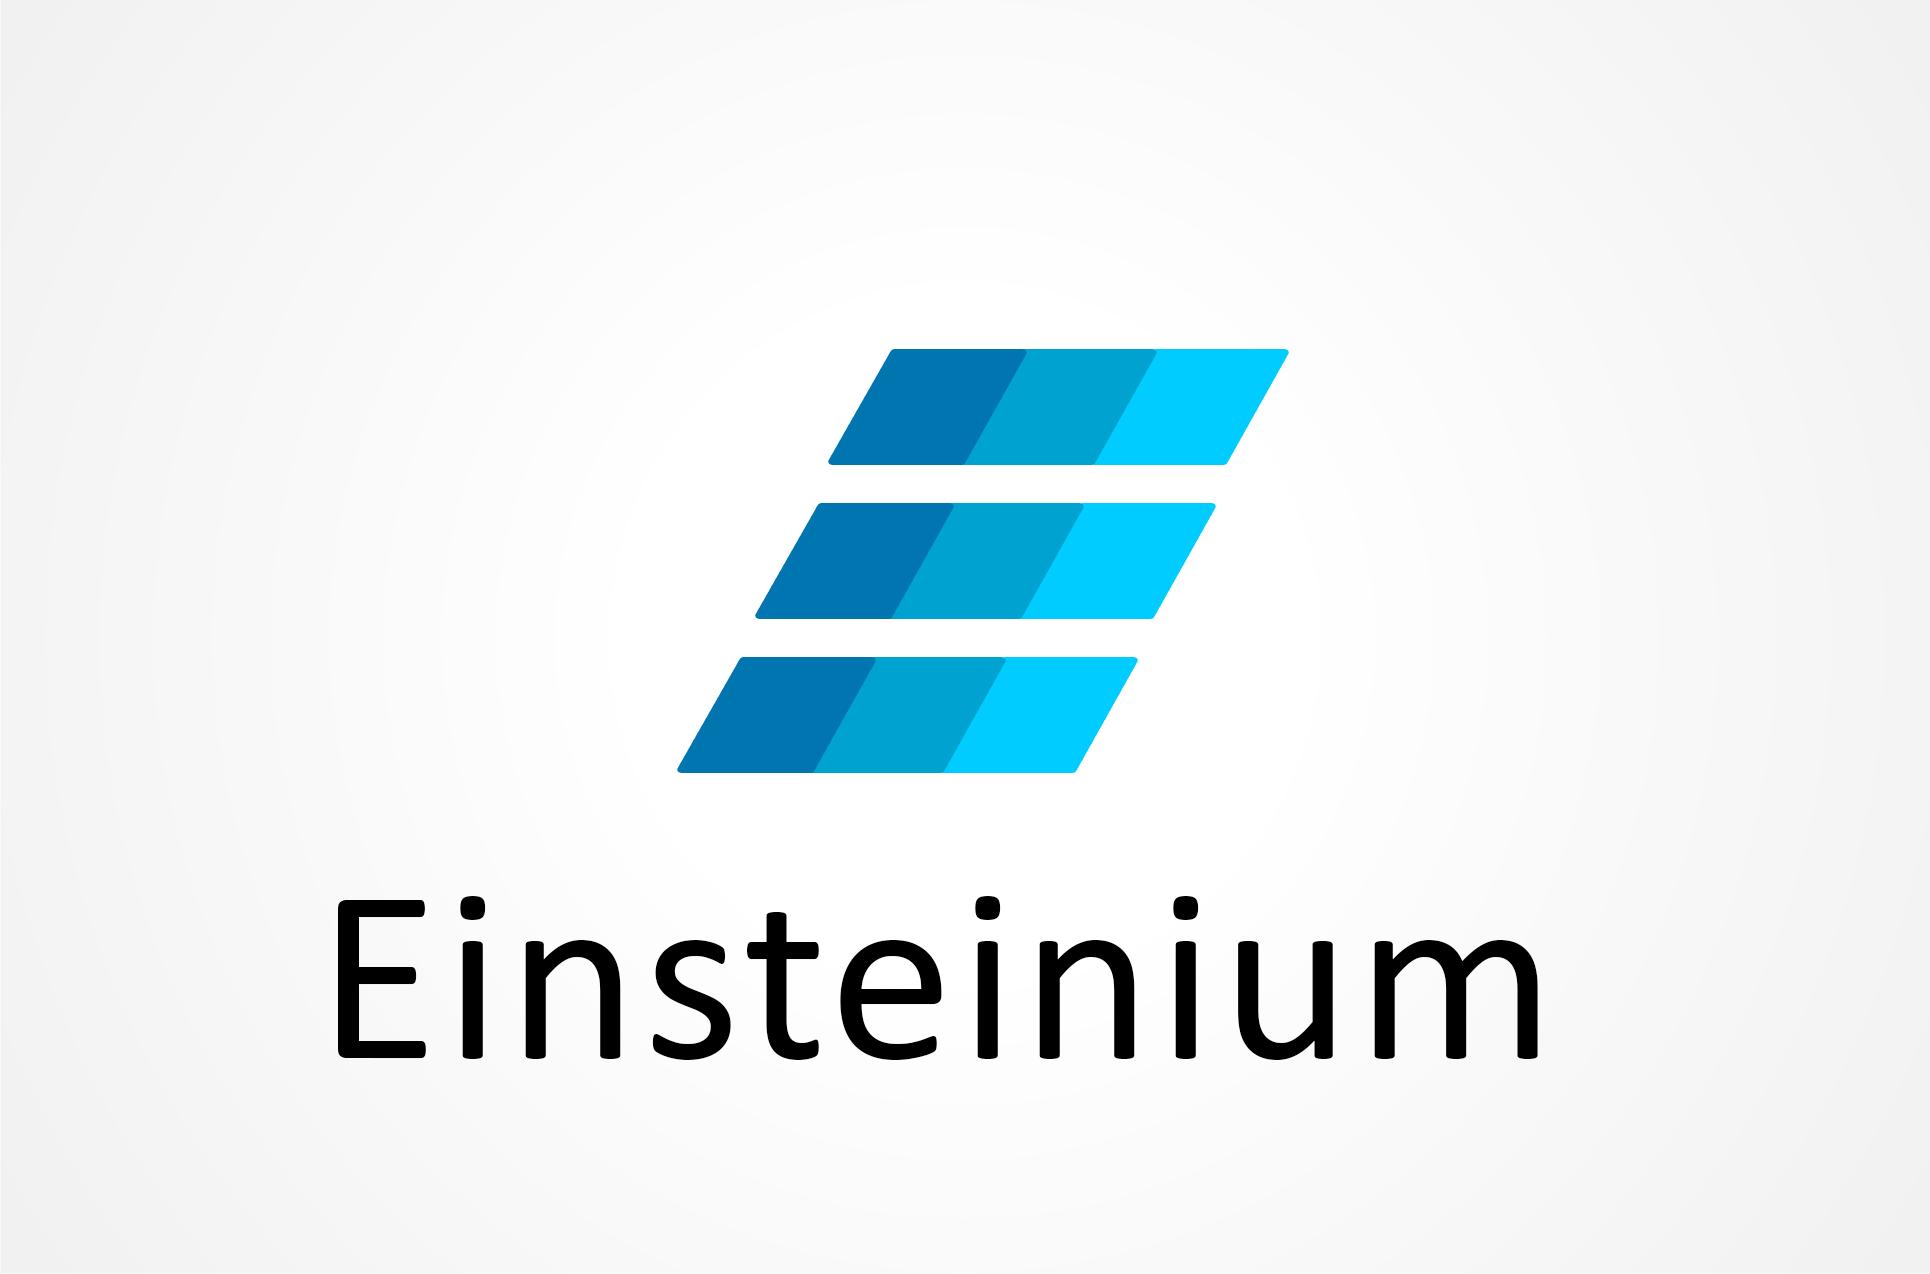 EinsteiniumLogo